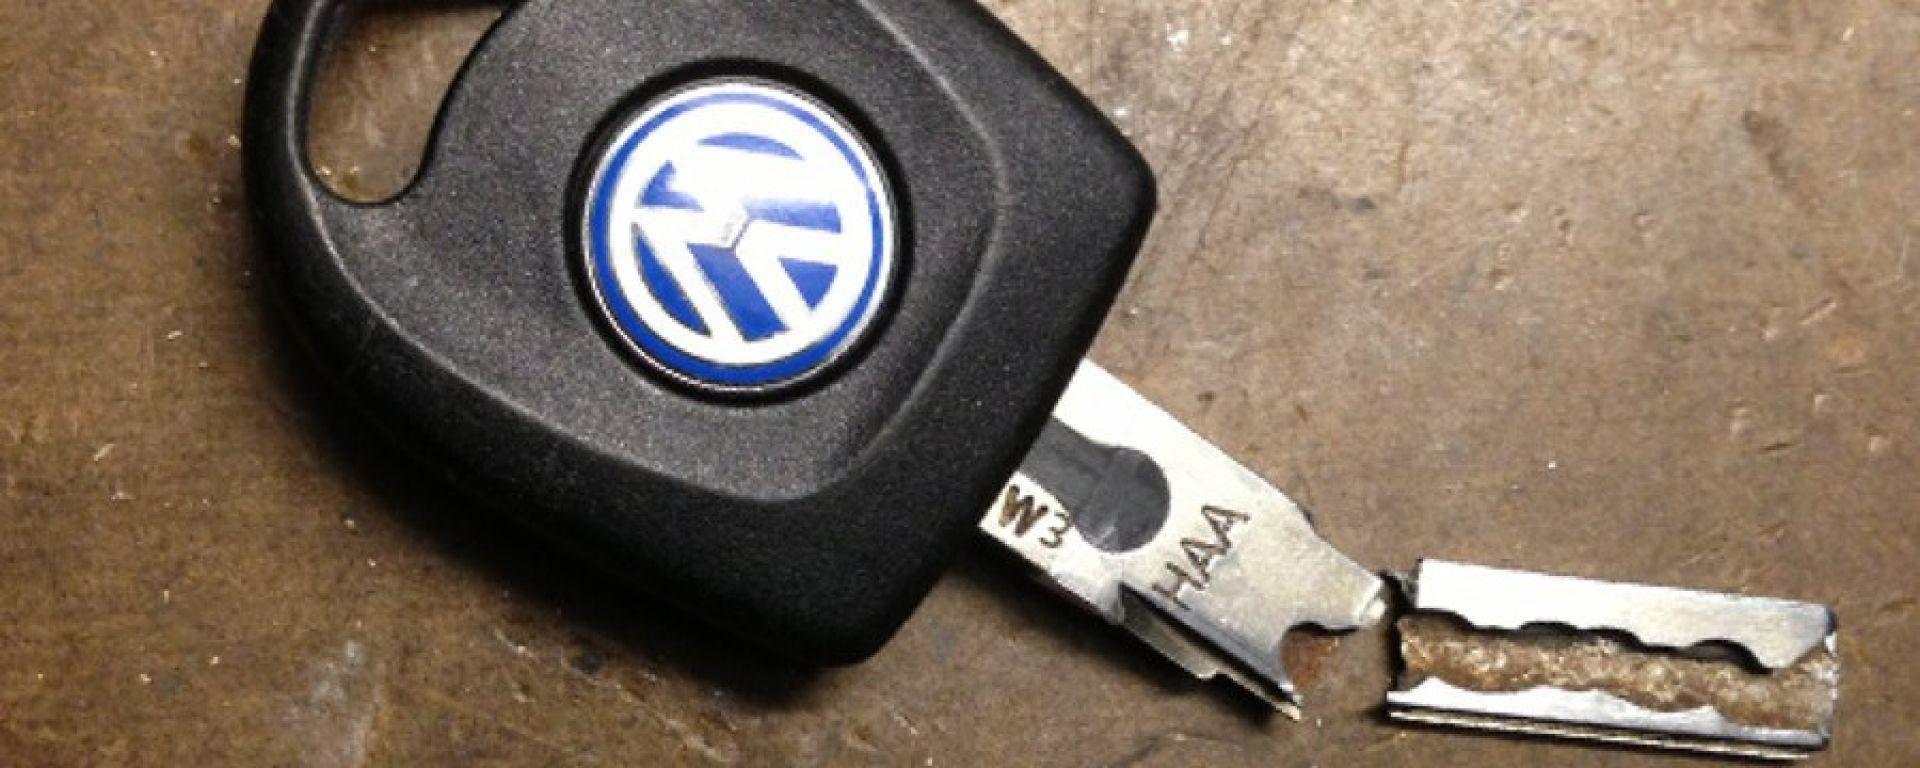 Volkswagengate: quando il clean diesel gioca sporco